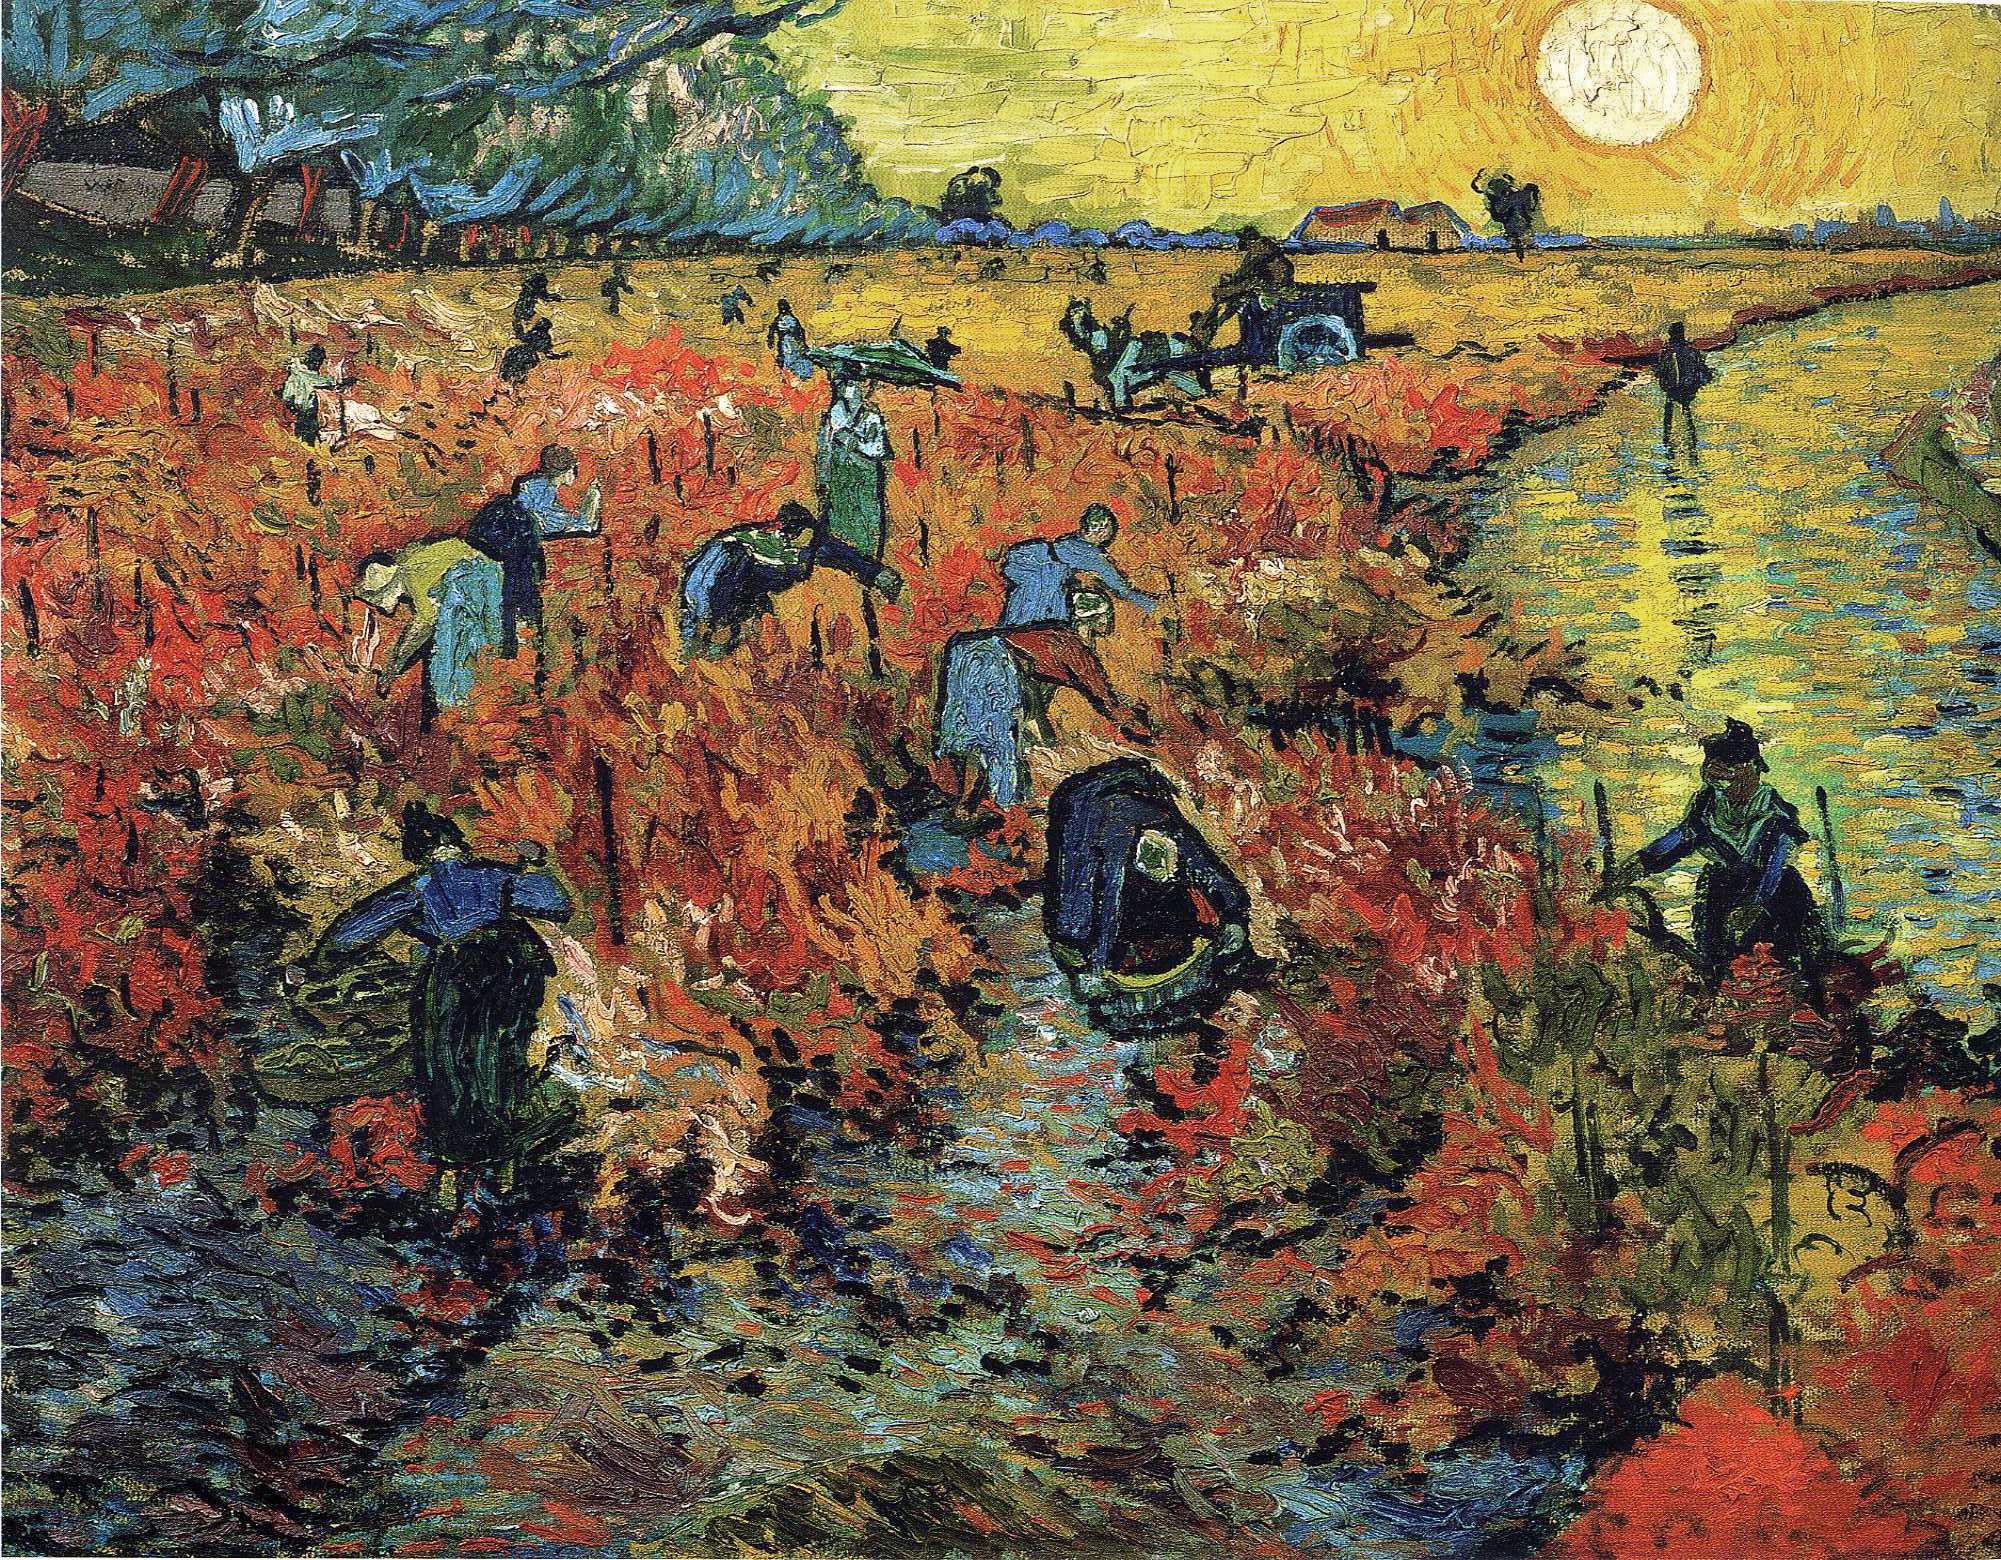 Красные виноградники в Арле. Винсент ван Гог, 1888 год, Государственный музей изобразительных искусств имени А. С. Пушкина,Москва.